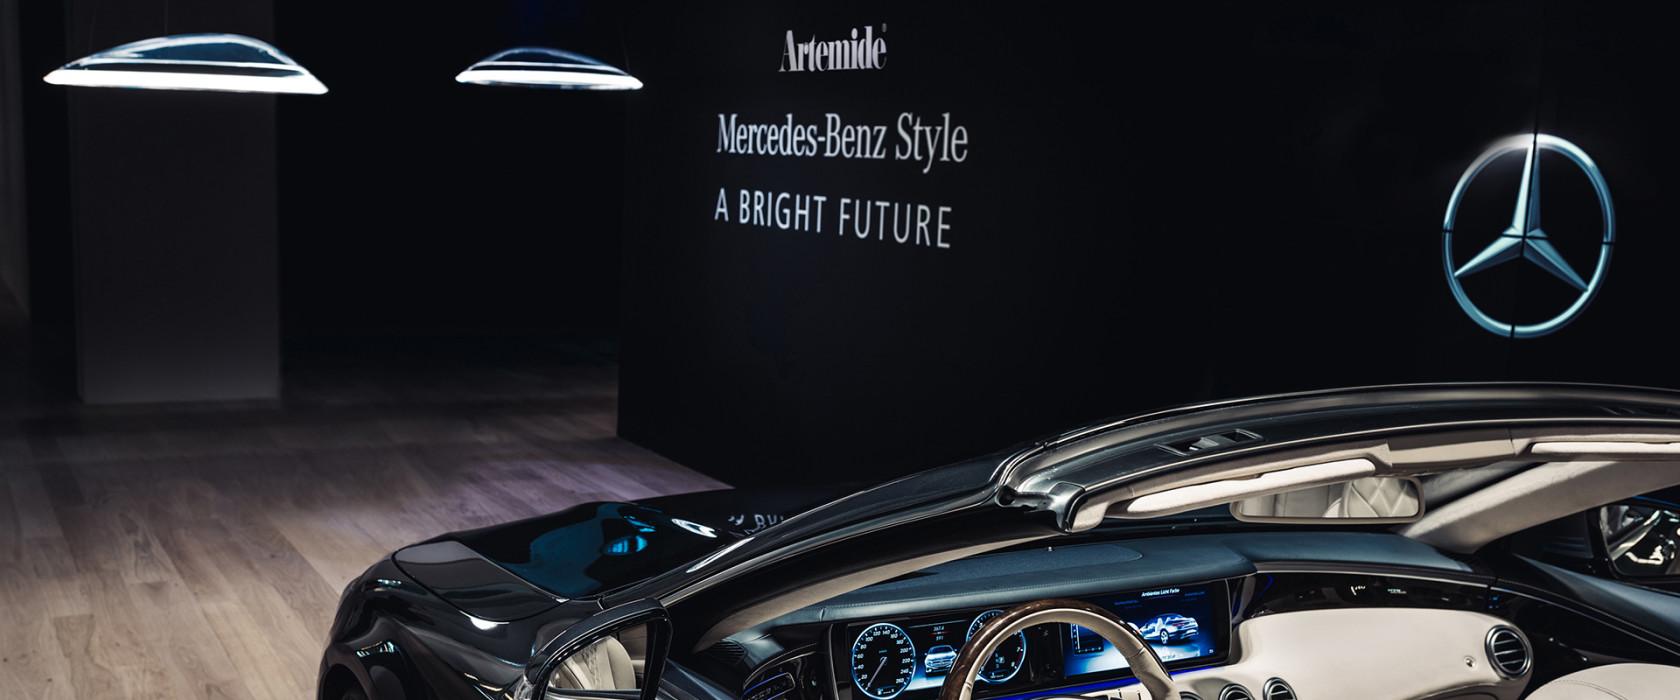 """Mercedes-Benz und Artemide präsentieren ihr erstes gemeinsames Produkt: Die """"Ameluna """" Pendelleuchte  Mercedes-Benz and Artemide present their first joint product: the """"Ameluna"""" pendant lamp"""